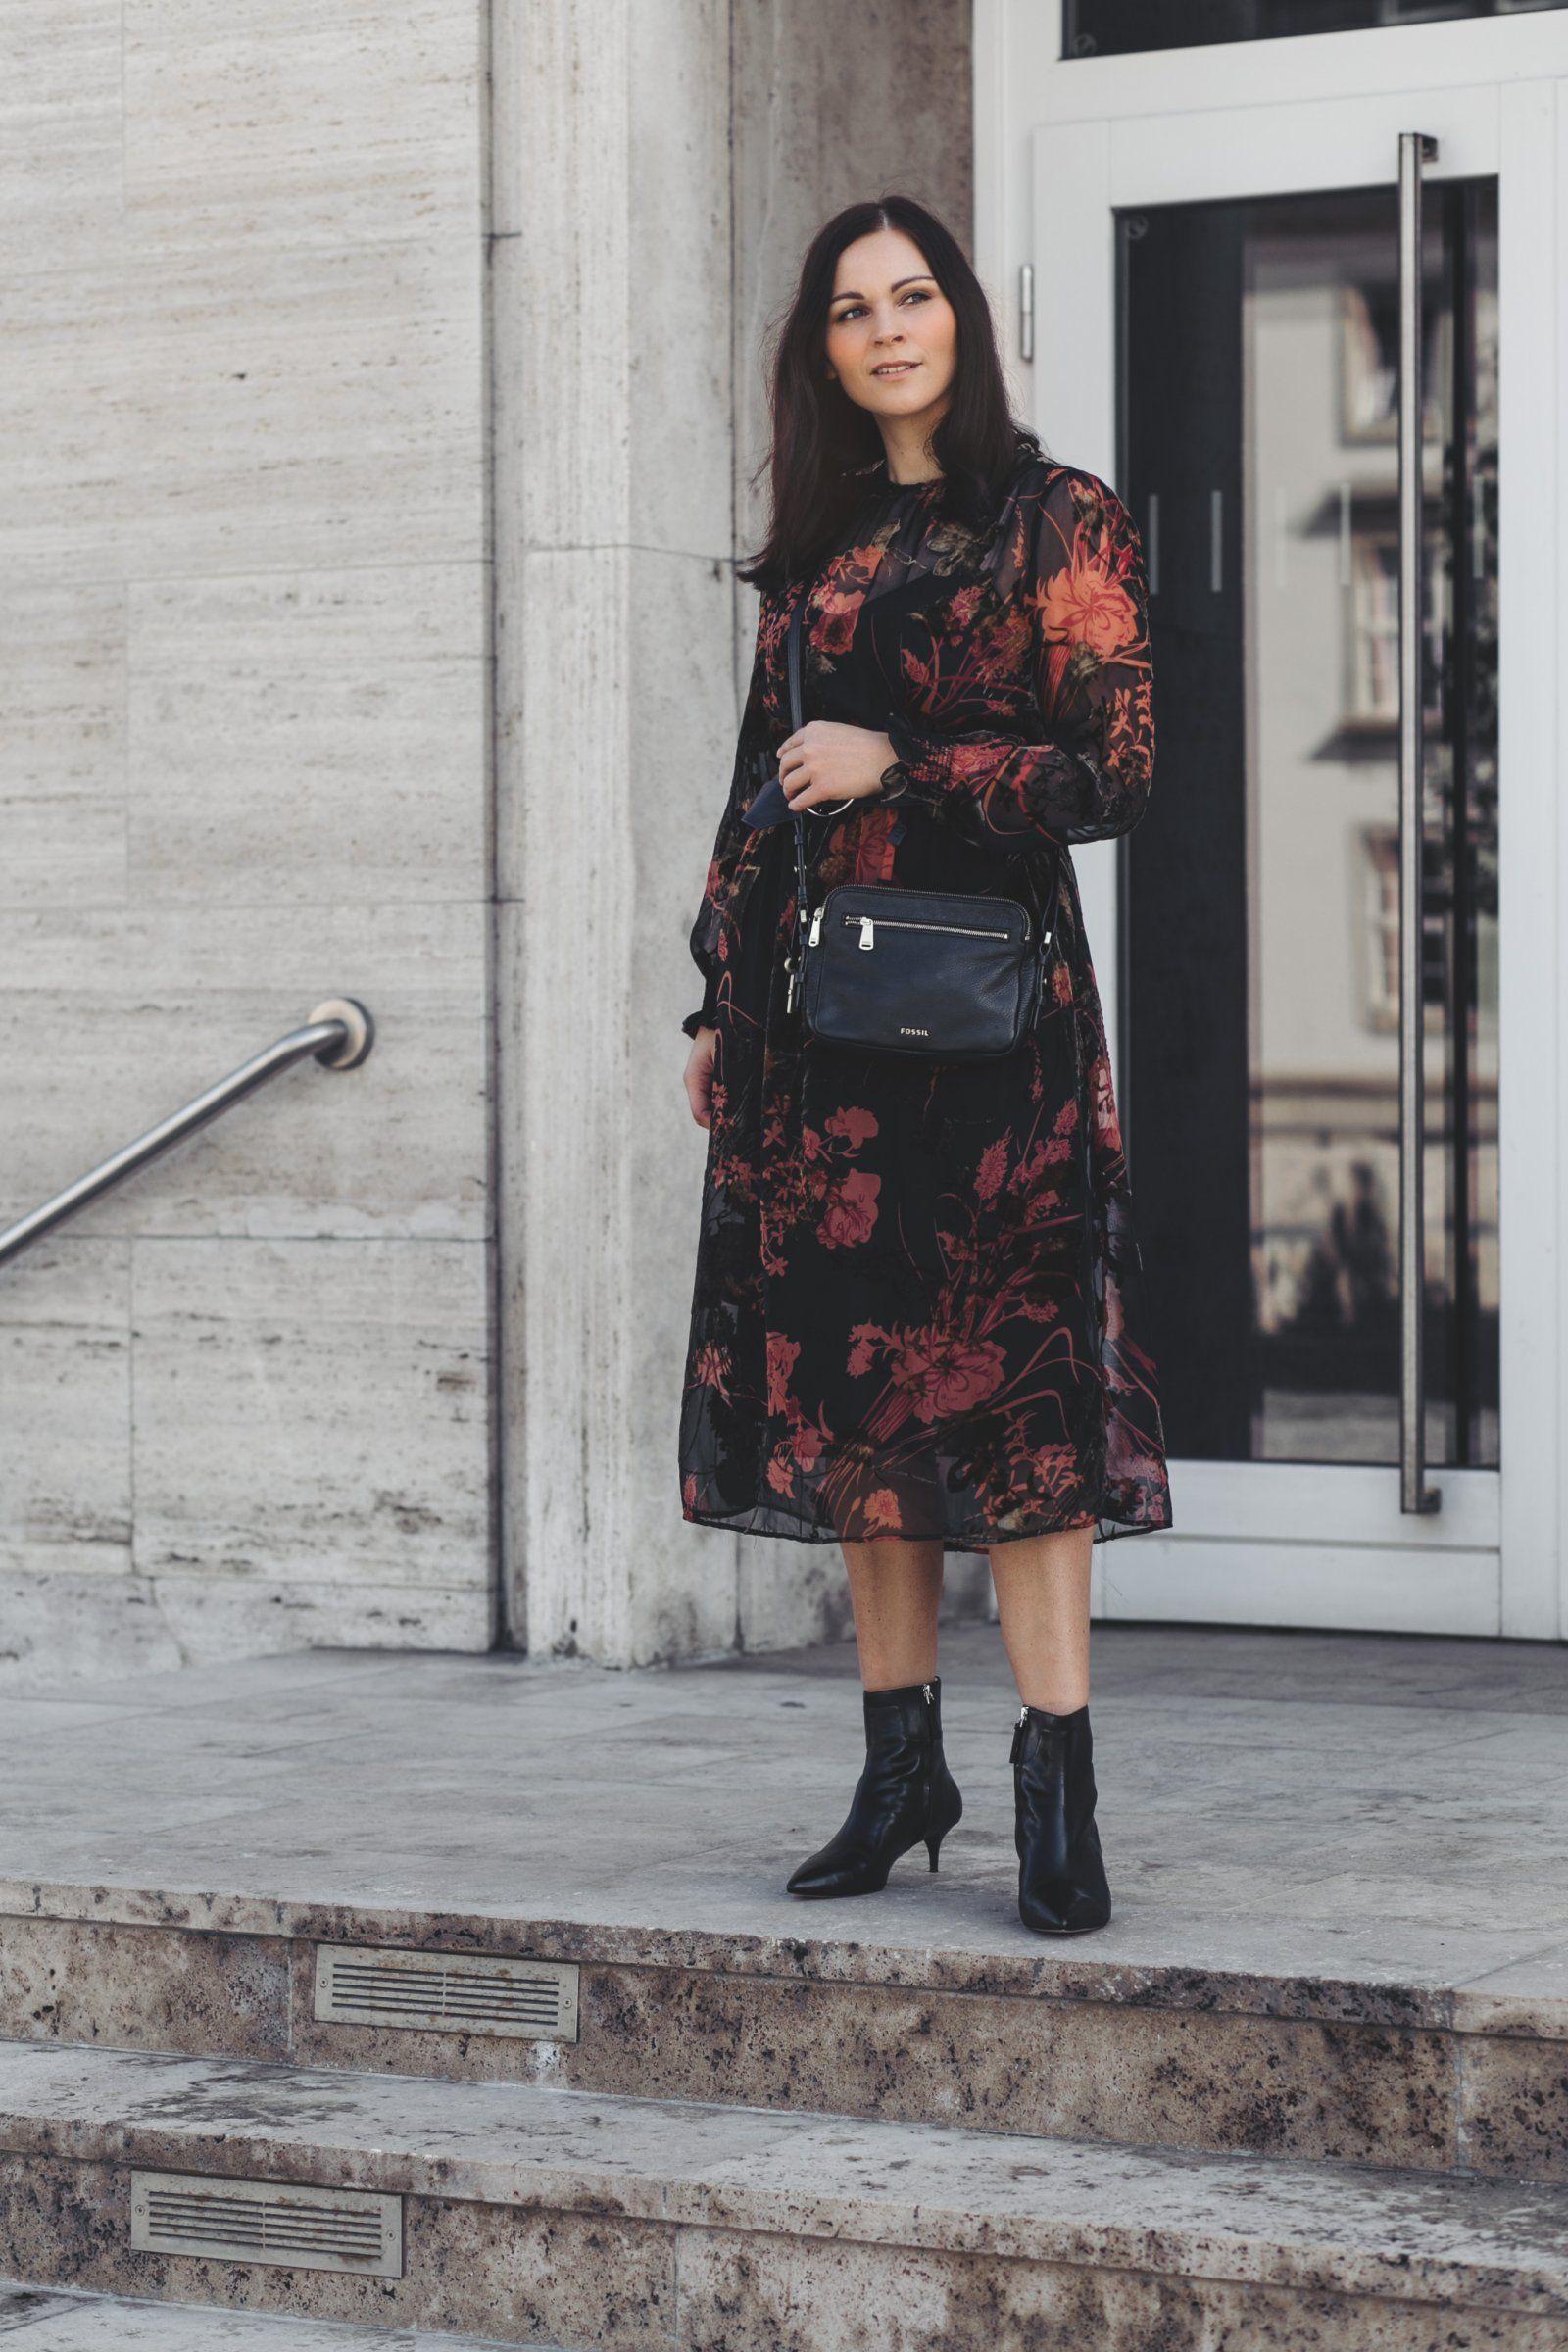 Herbst Outfit mit Midi Kleid und Fossil Piper Tasche ...